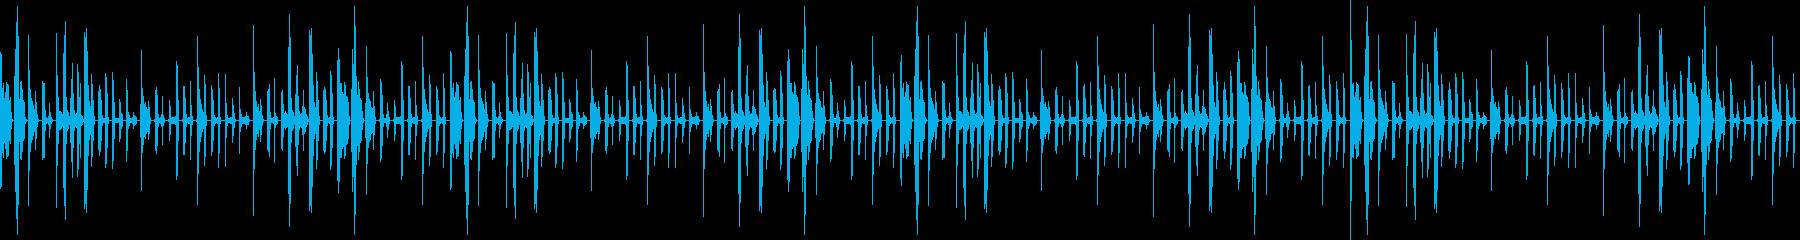 ノリの良い曲、ドラムが激しいジングルの再生済みの波形